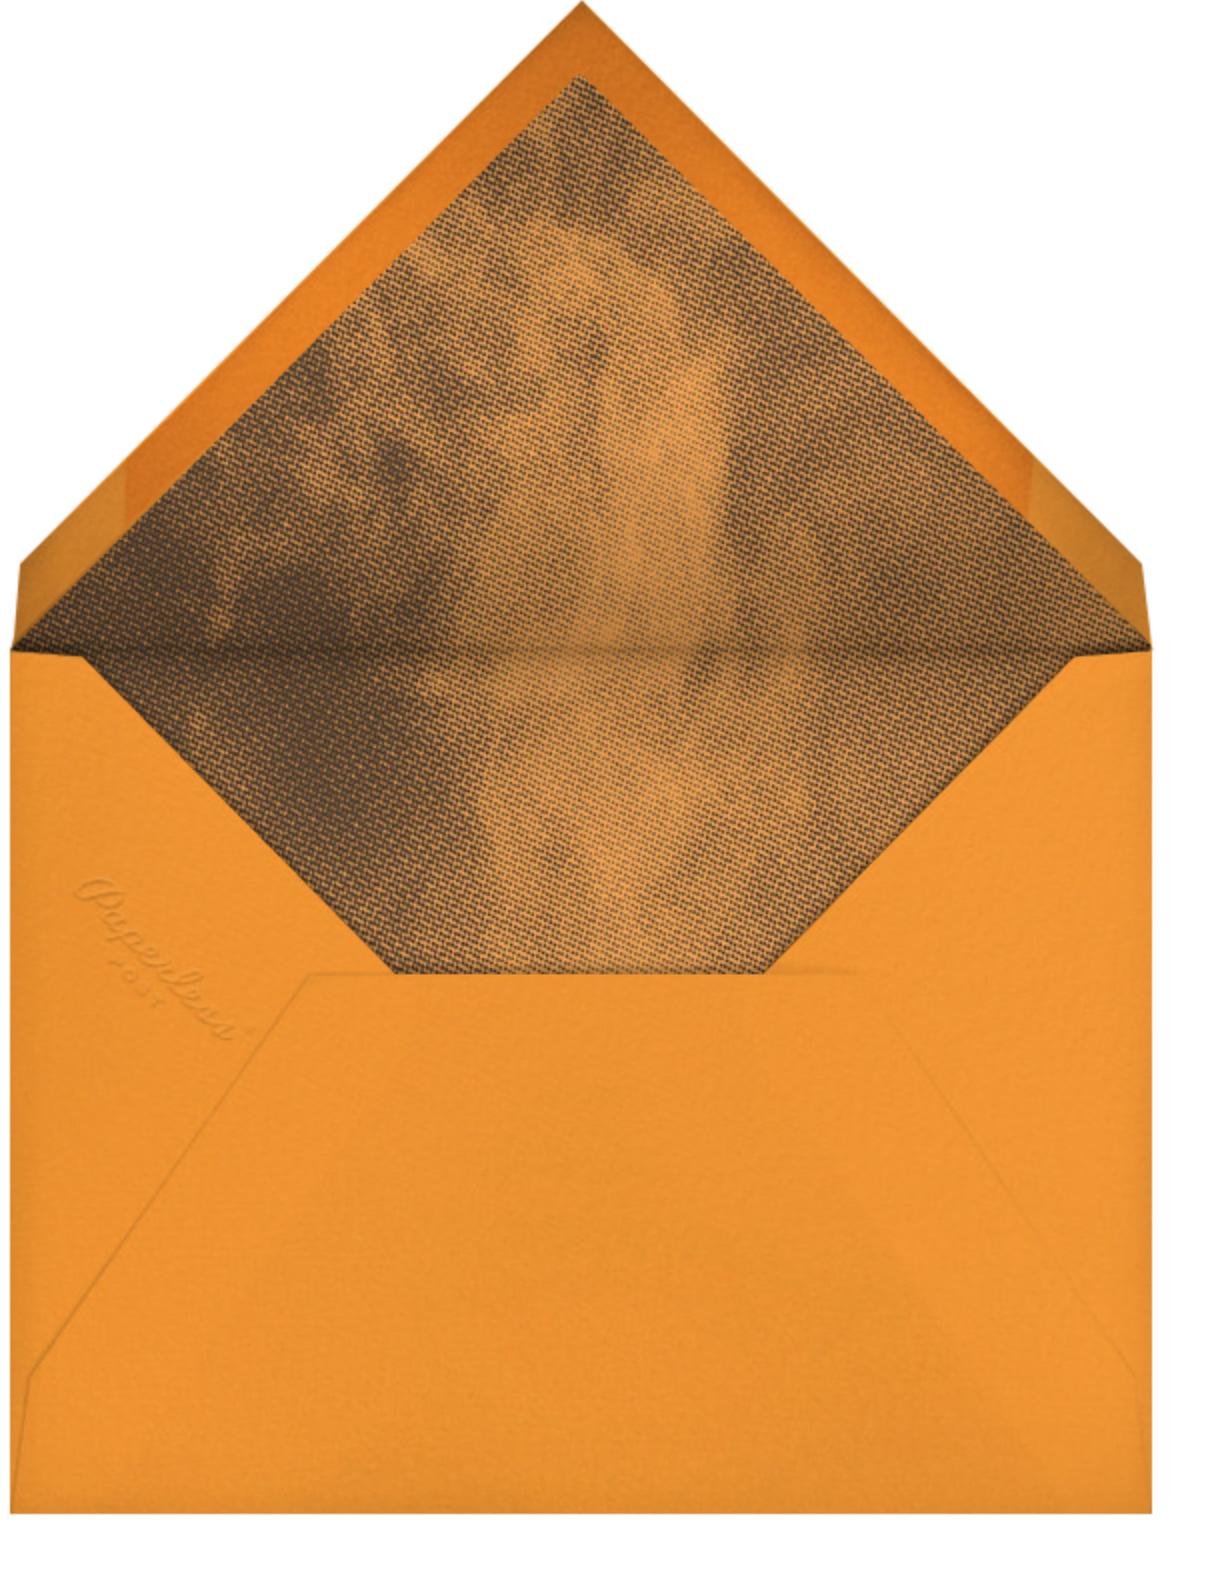 Handpainted Pumpkin - Paperless Post - Halloween - envelope back